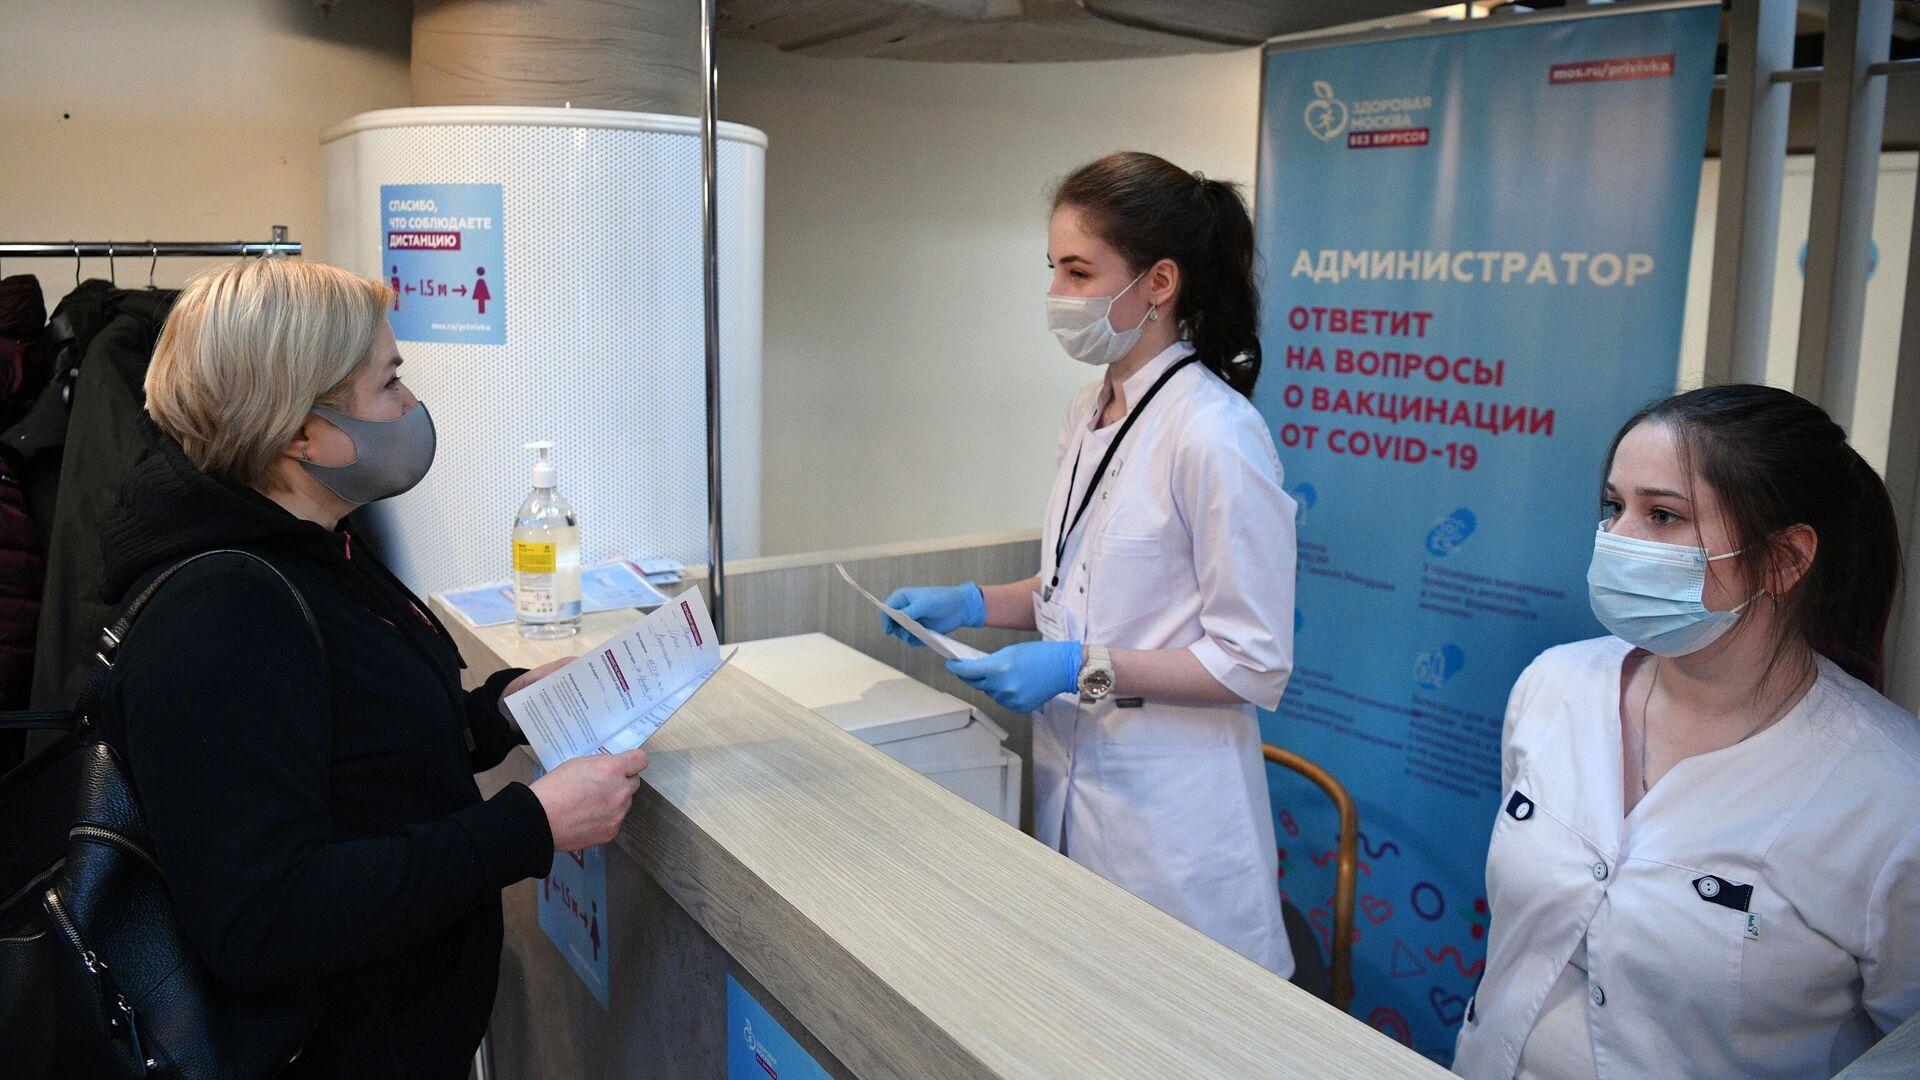 Женщина получает сертификат о вакцинации от СOVID-19 на территории фудмолла Депо.Москва - РИА Новости, 1920, 23.01.2021